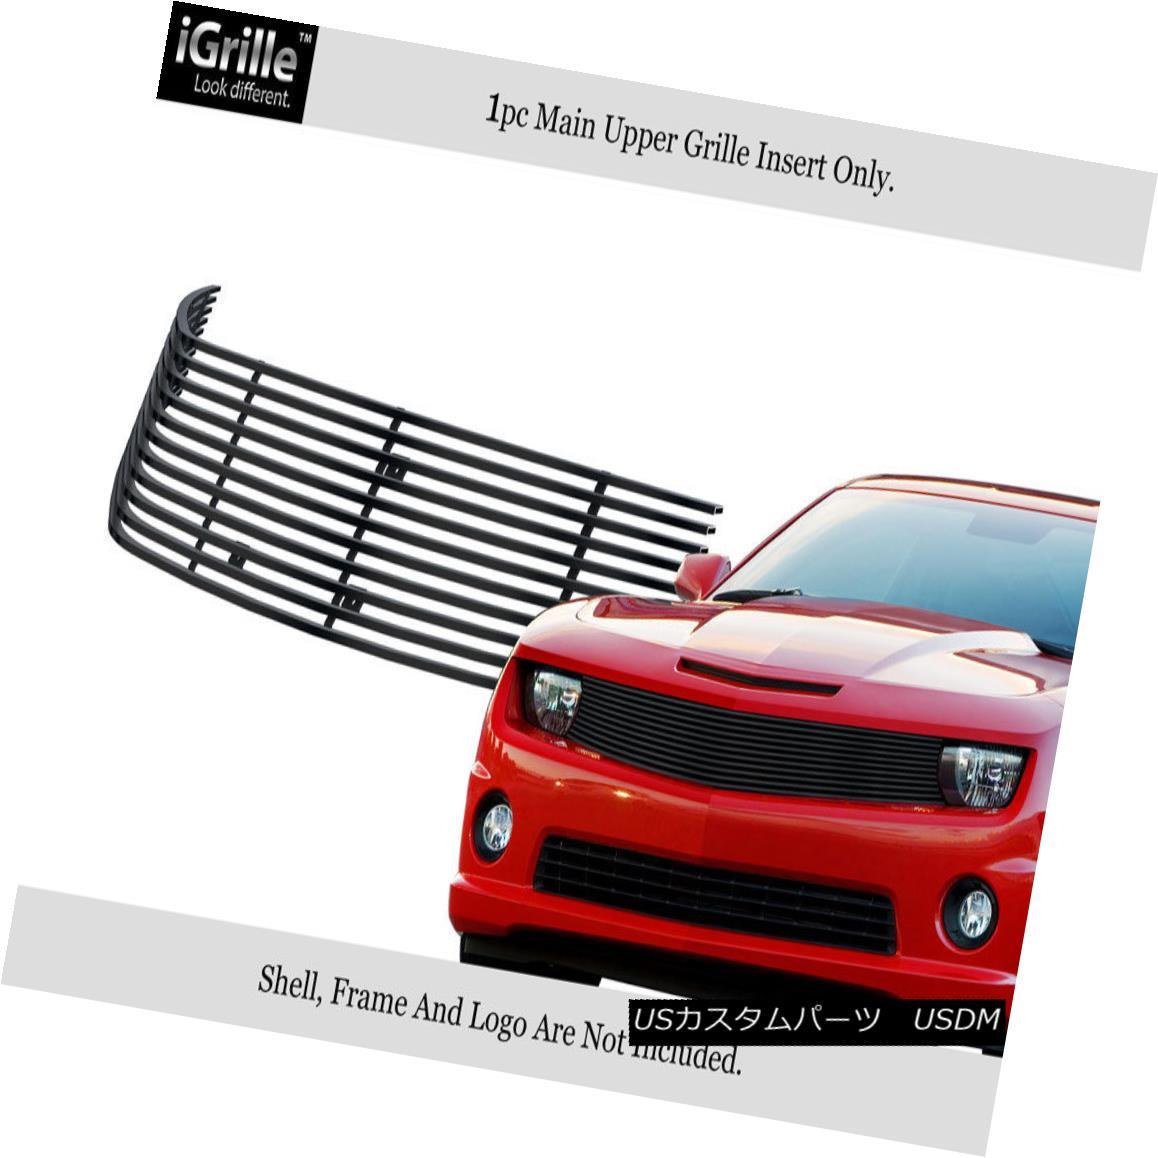 グリル Fits 2010-2013 Chevy Camaro LT/LS/RS/SS Stainless Black Billet Grille Insert フィット2010-2013シボレーカマロLT / LS / RS / SSステンレスブラックビレットグリルインサート